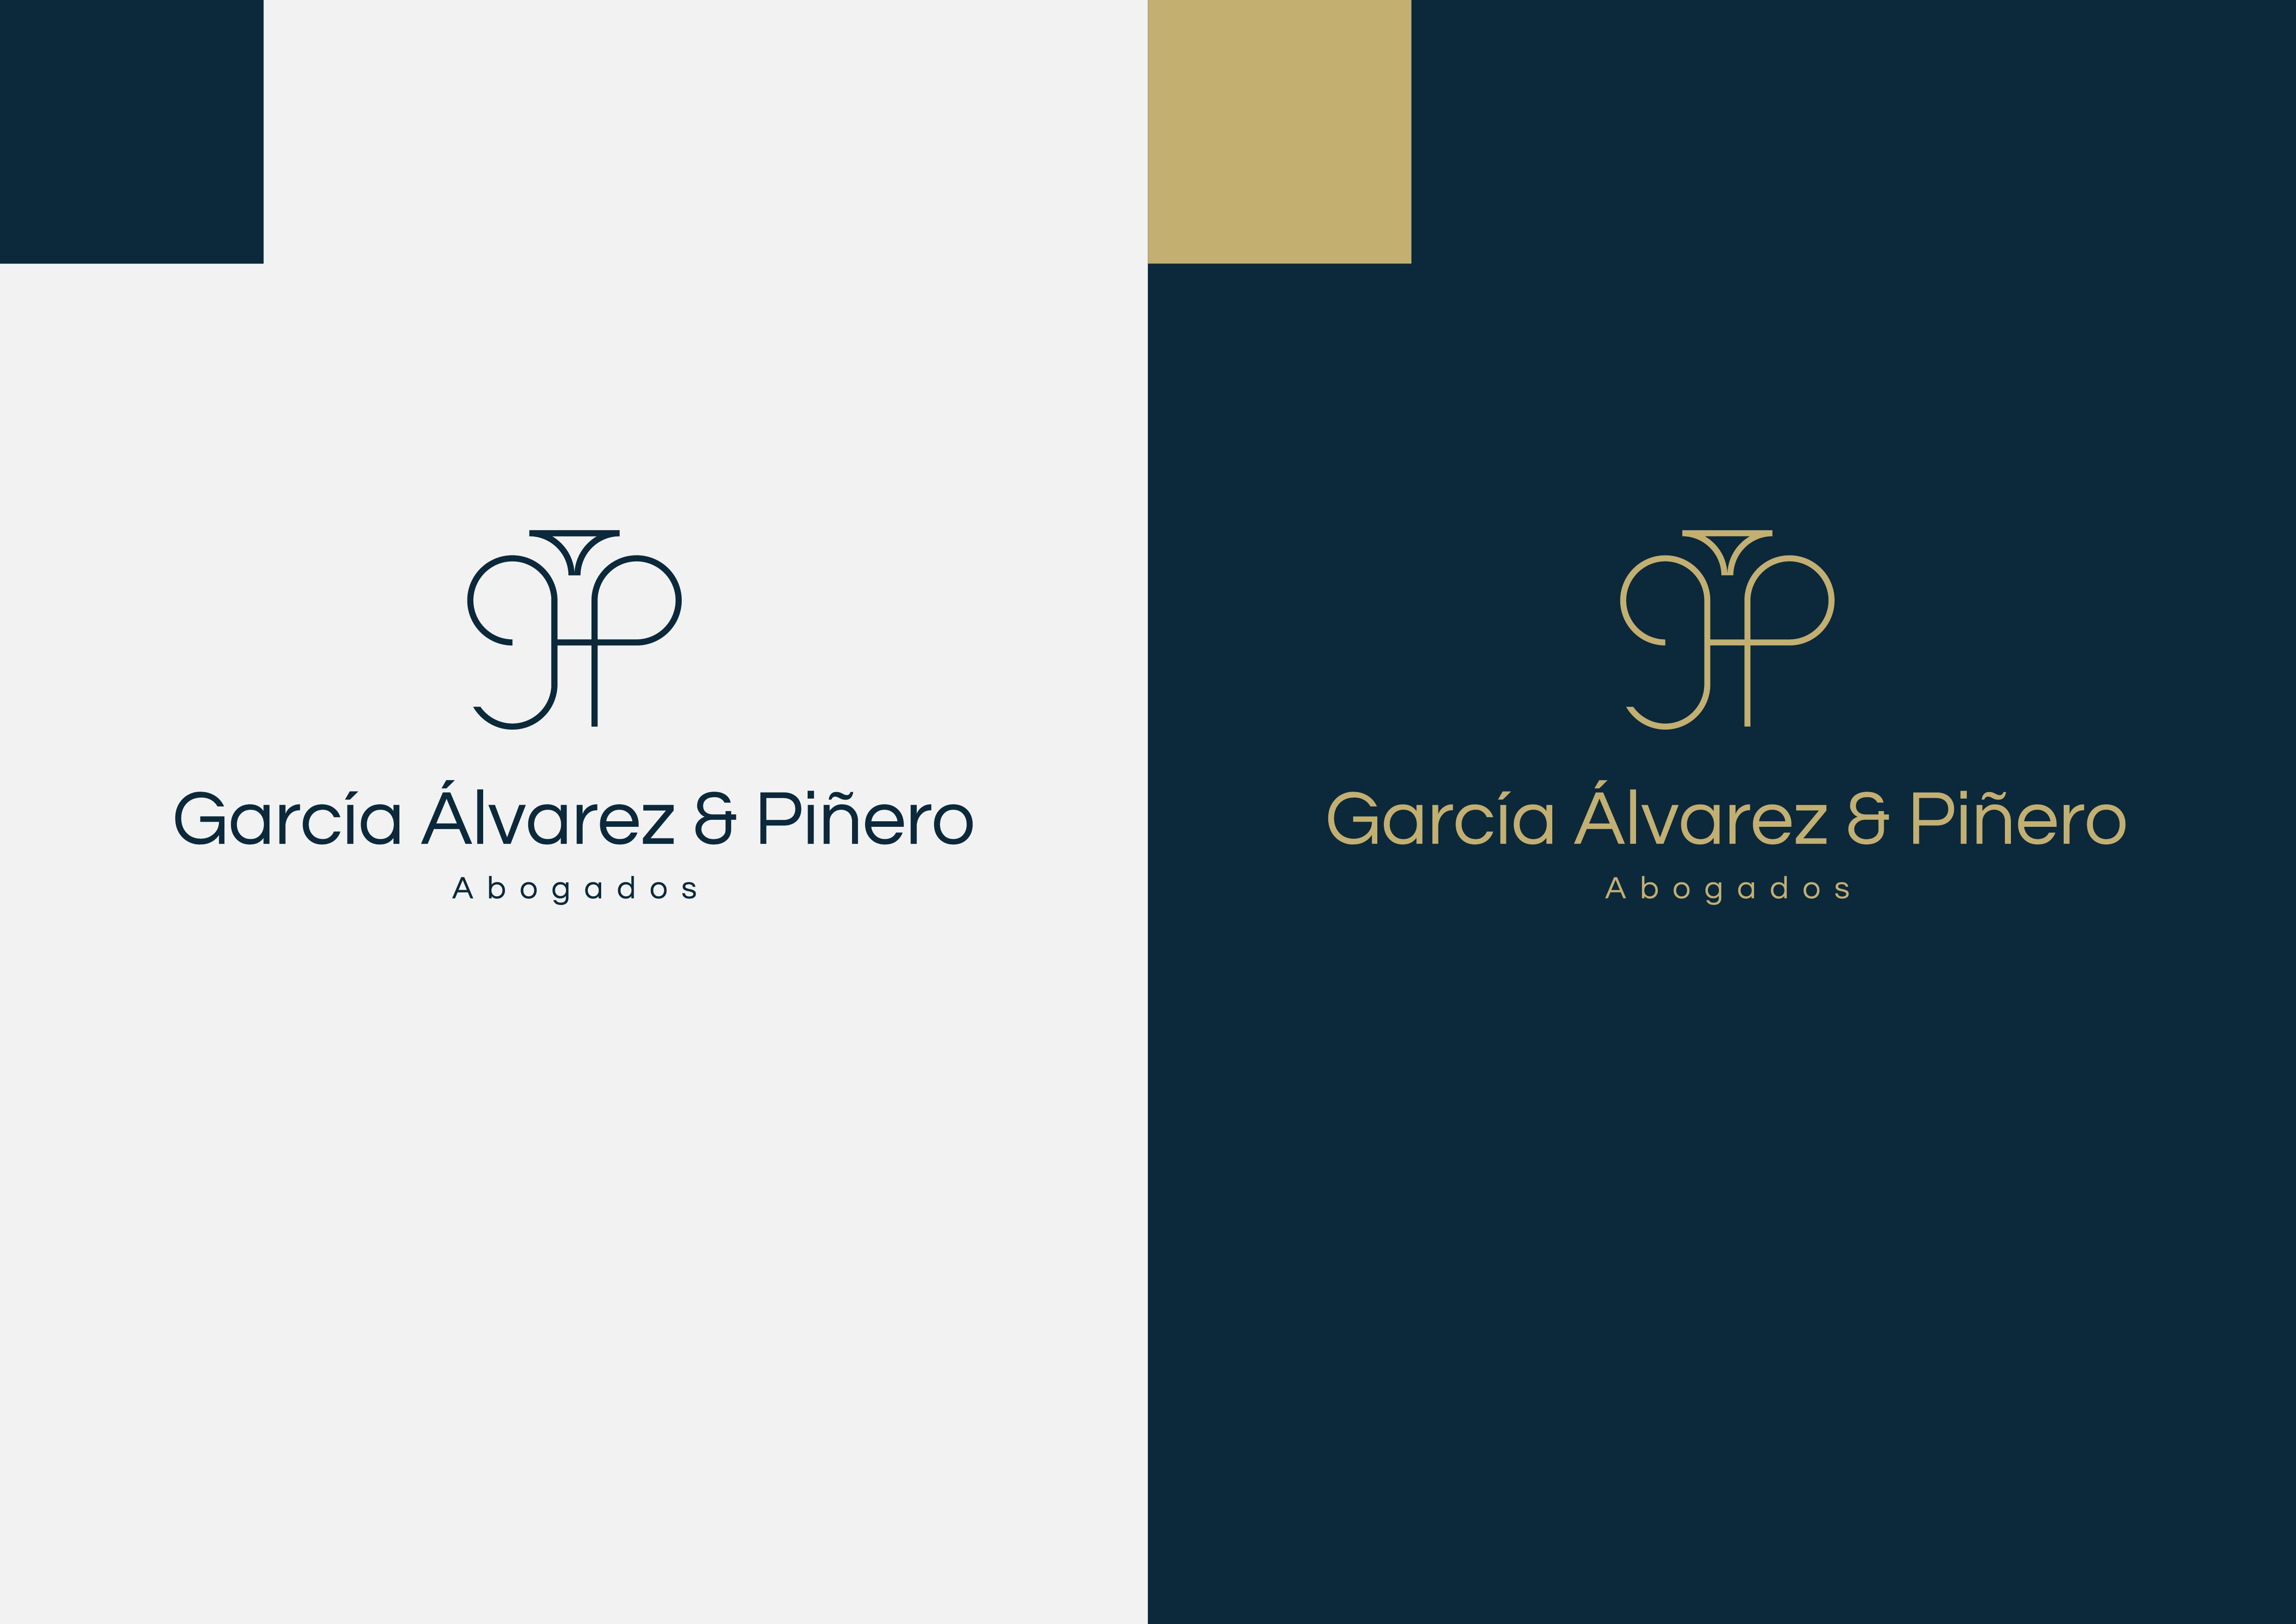 Imagen Corporativa Para  García Álvarez Y Piñero Abogados